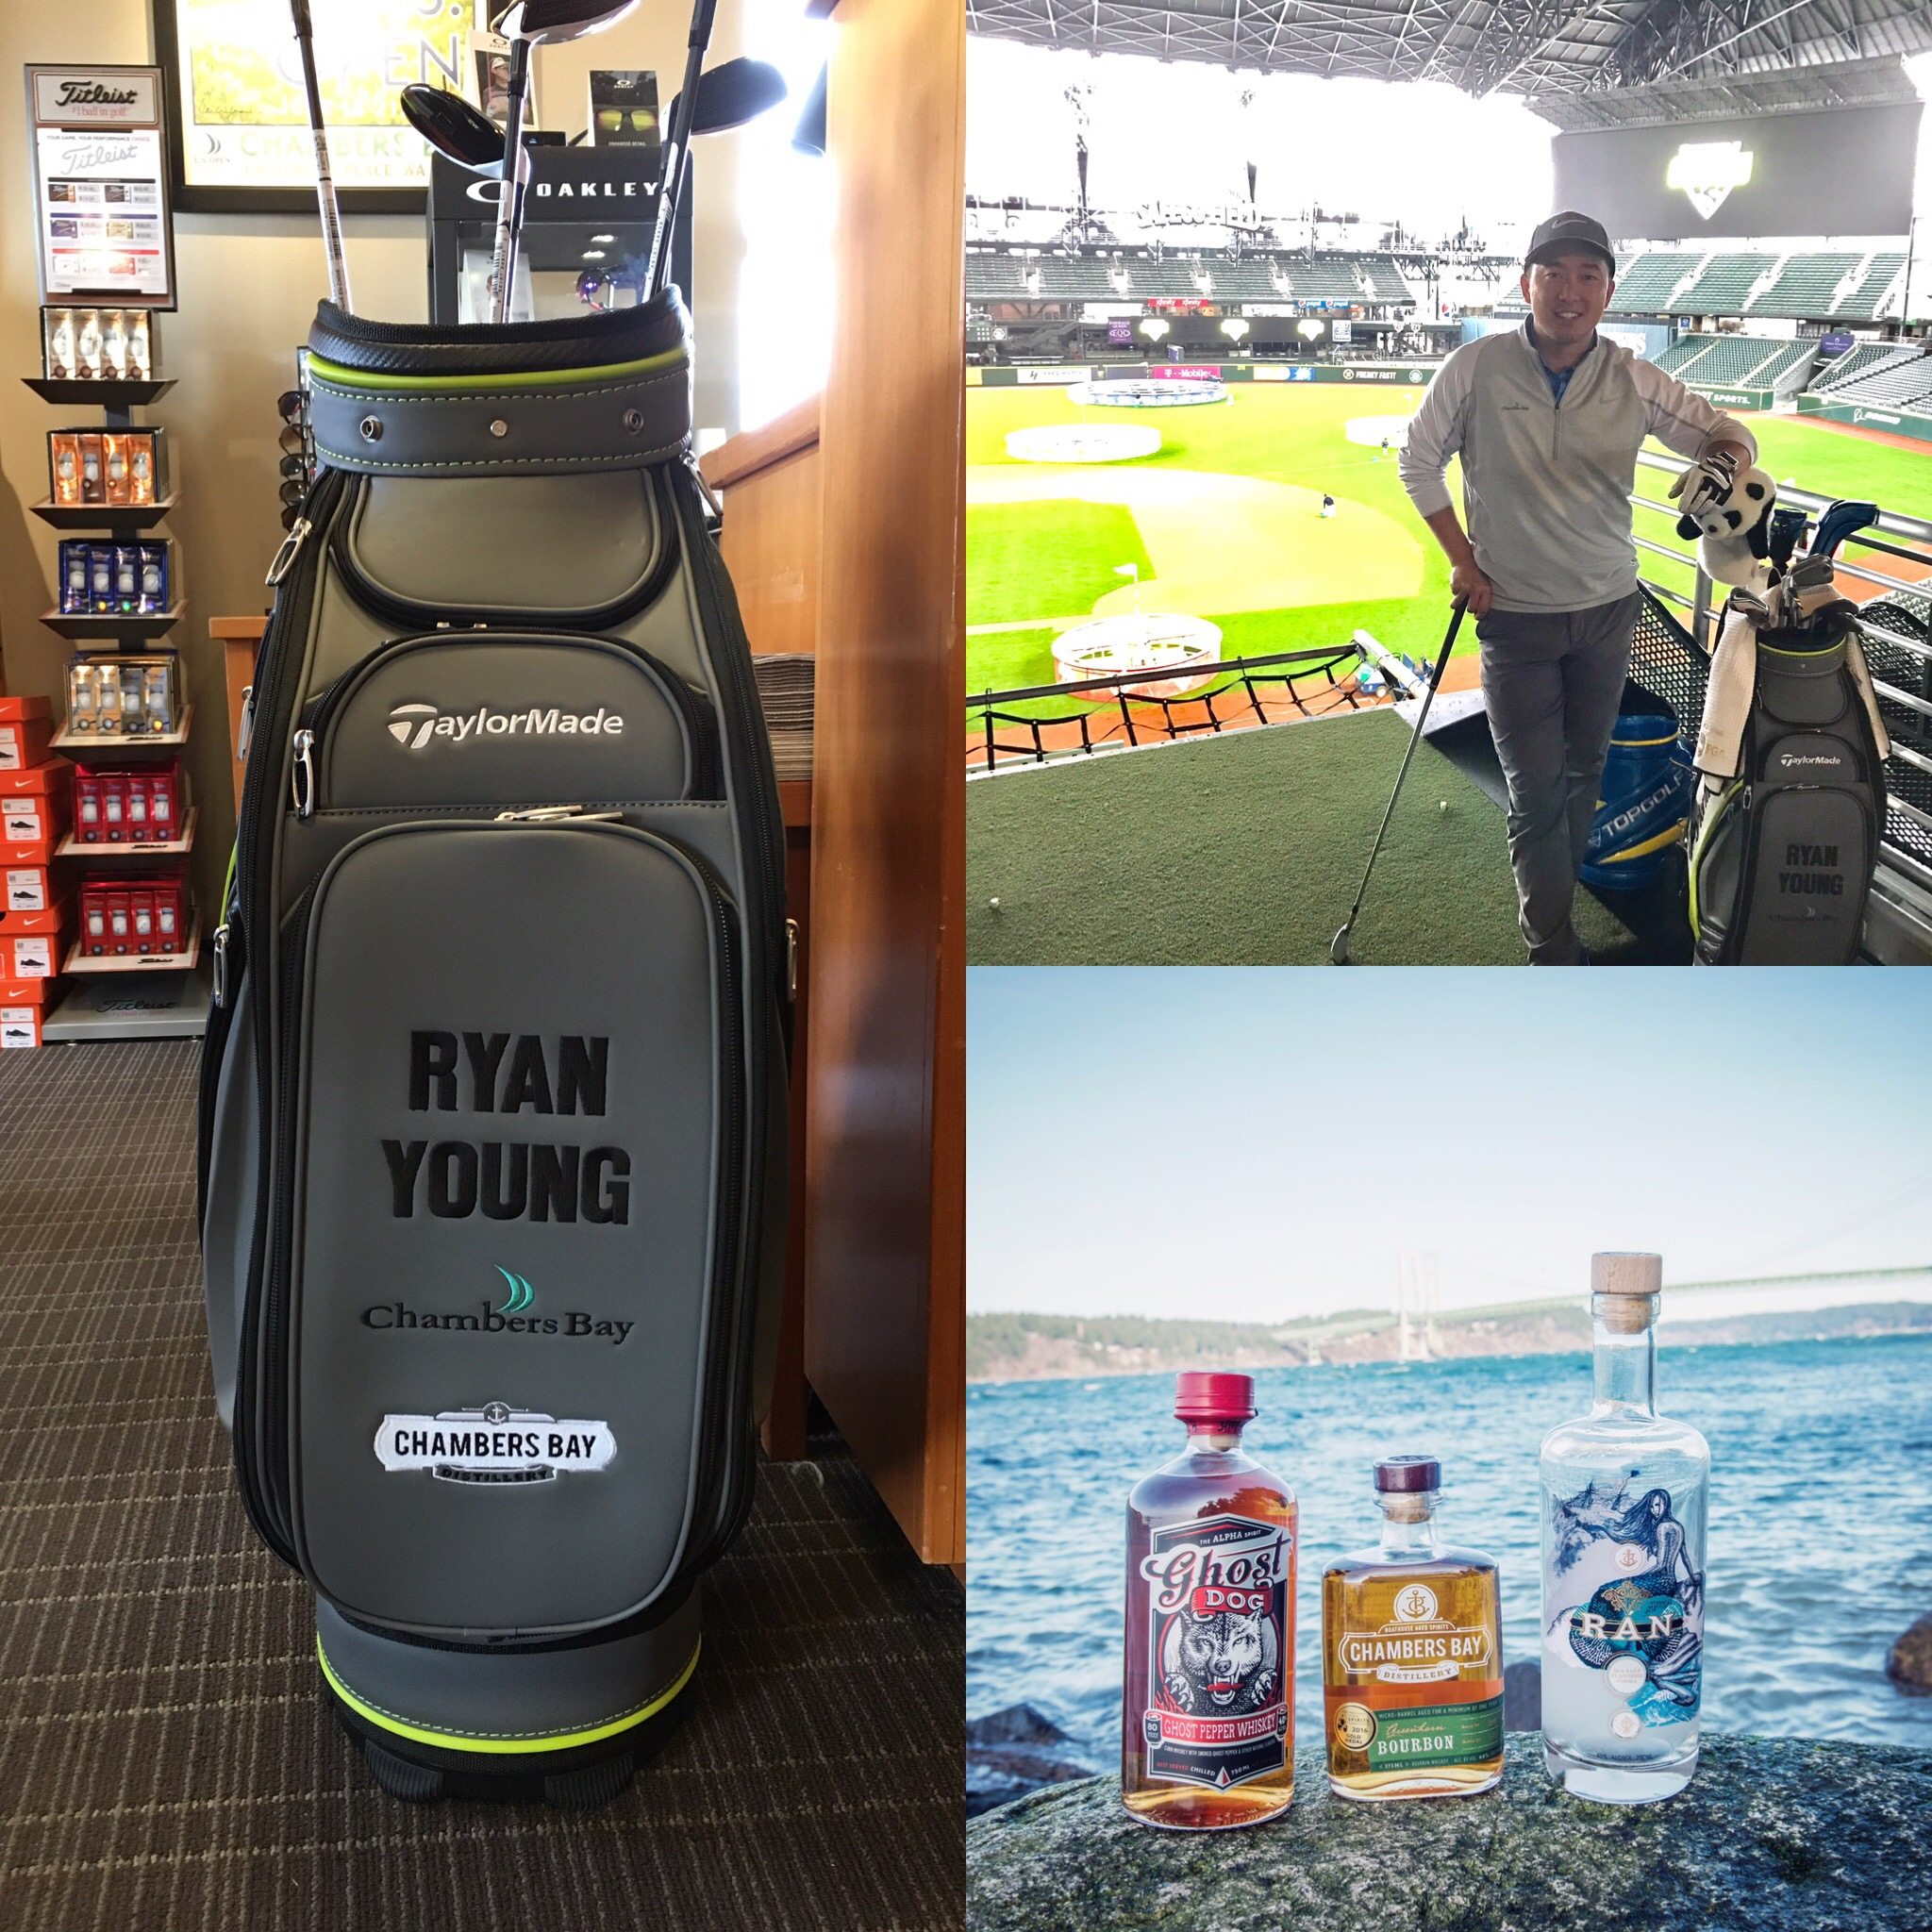 Ryan Young, PGA